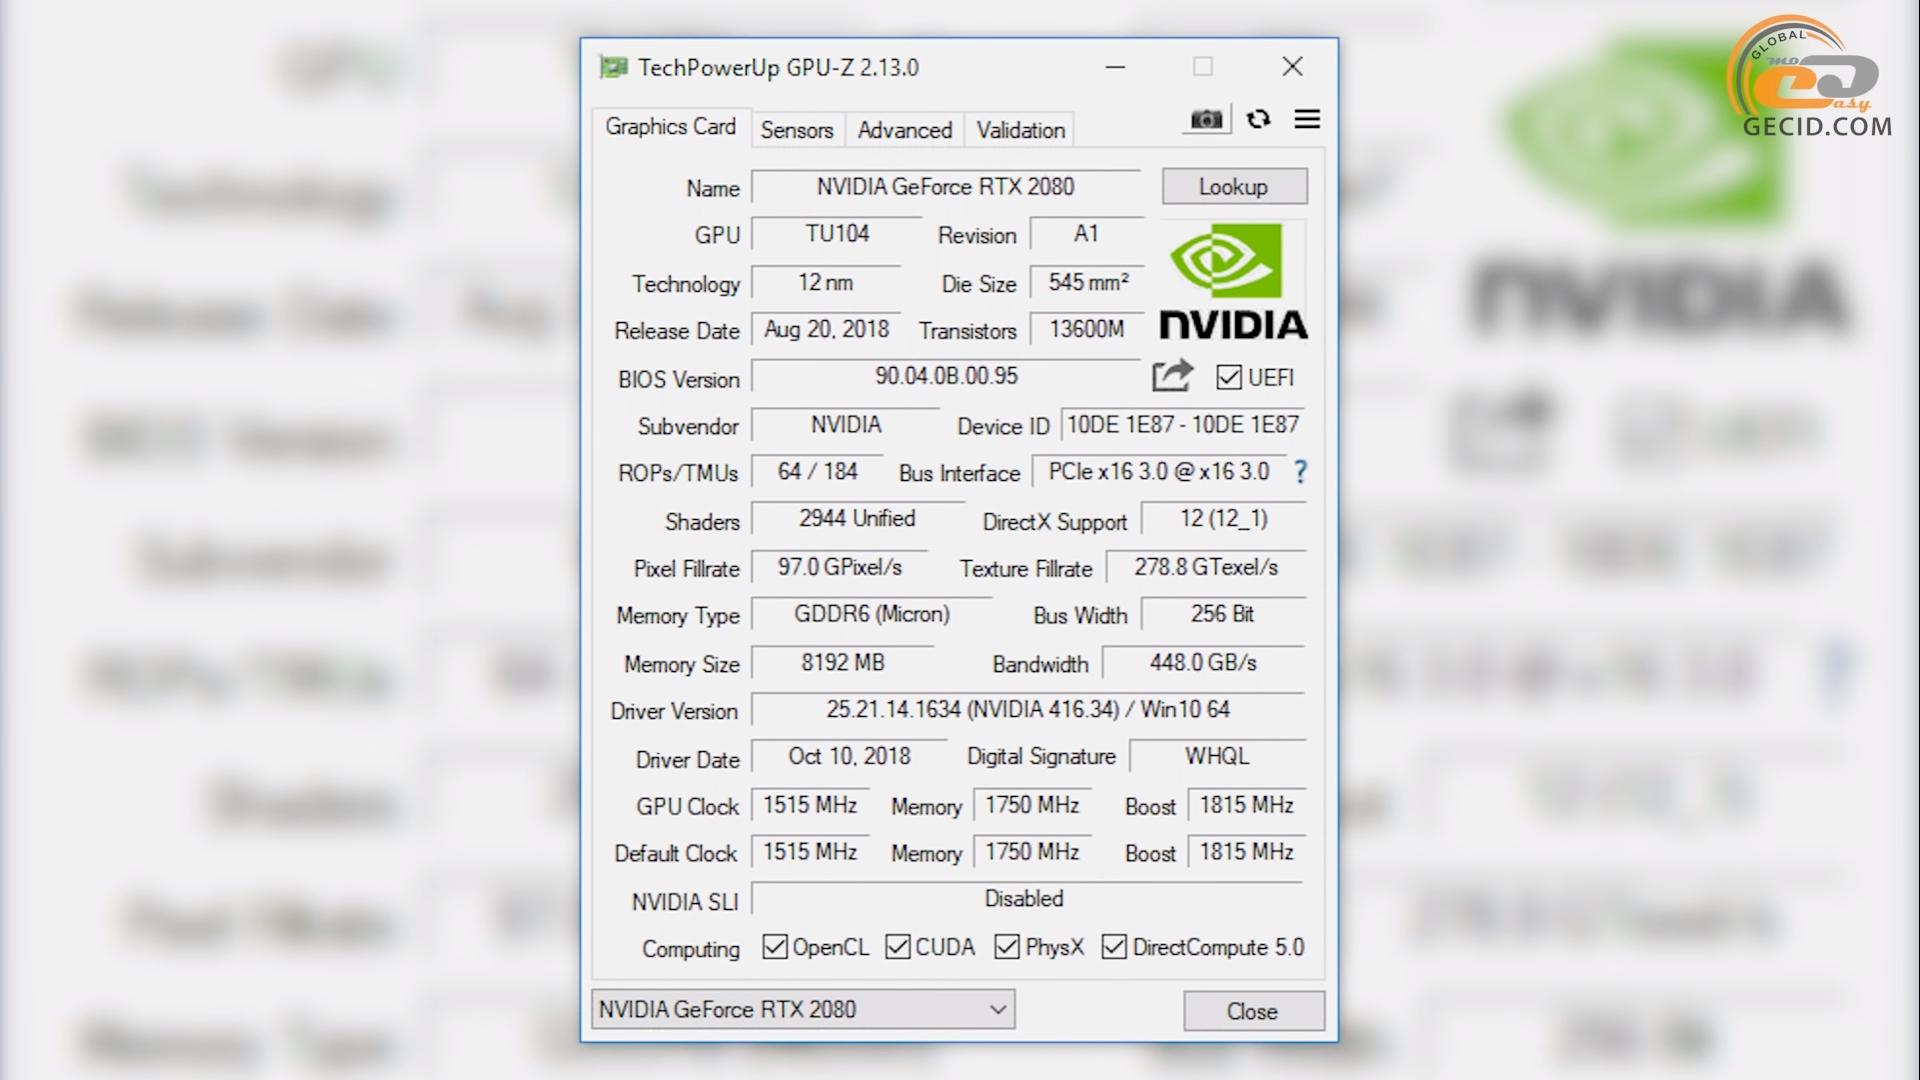 Сравнение видеокарты NVIDIA GeForce RTX 2080 с GTX 1080 Ti